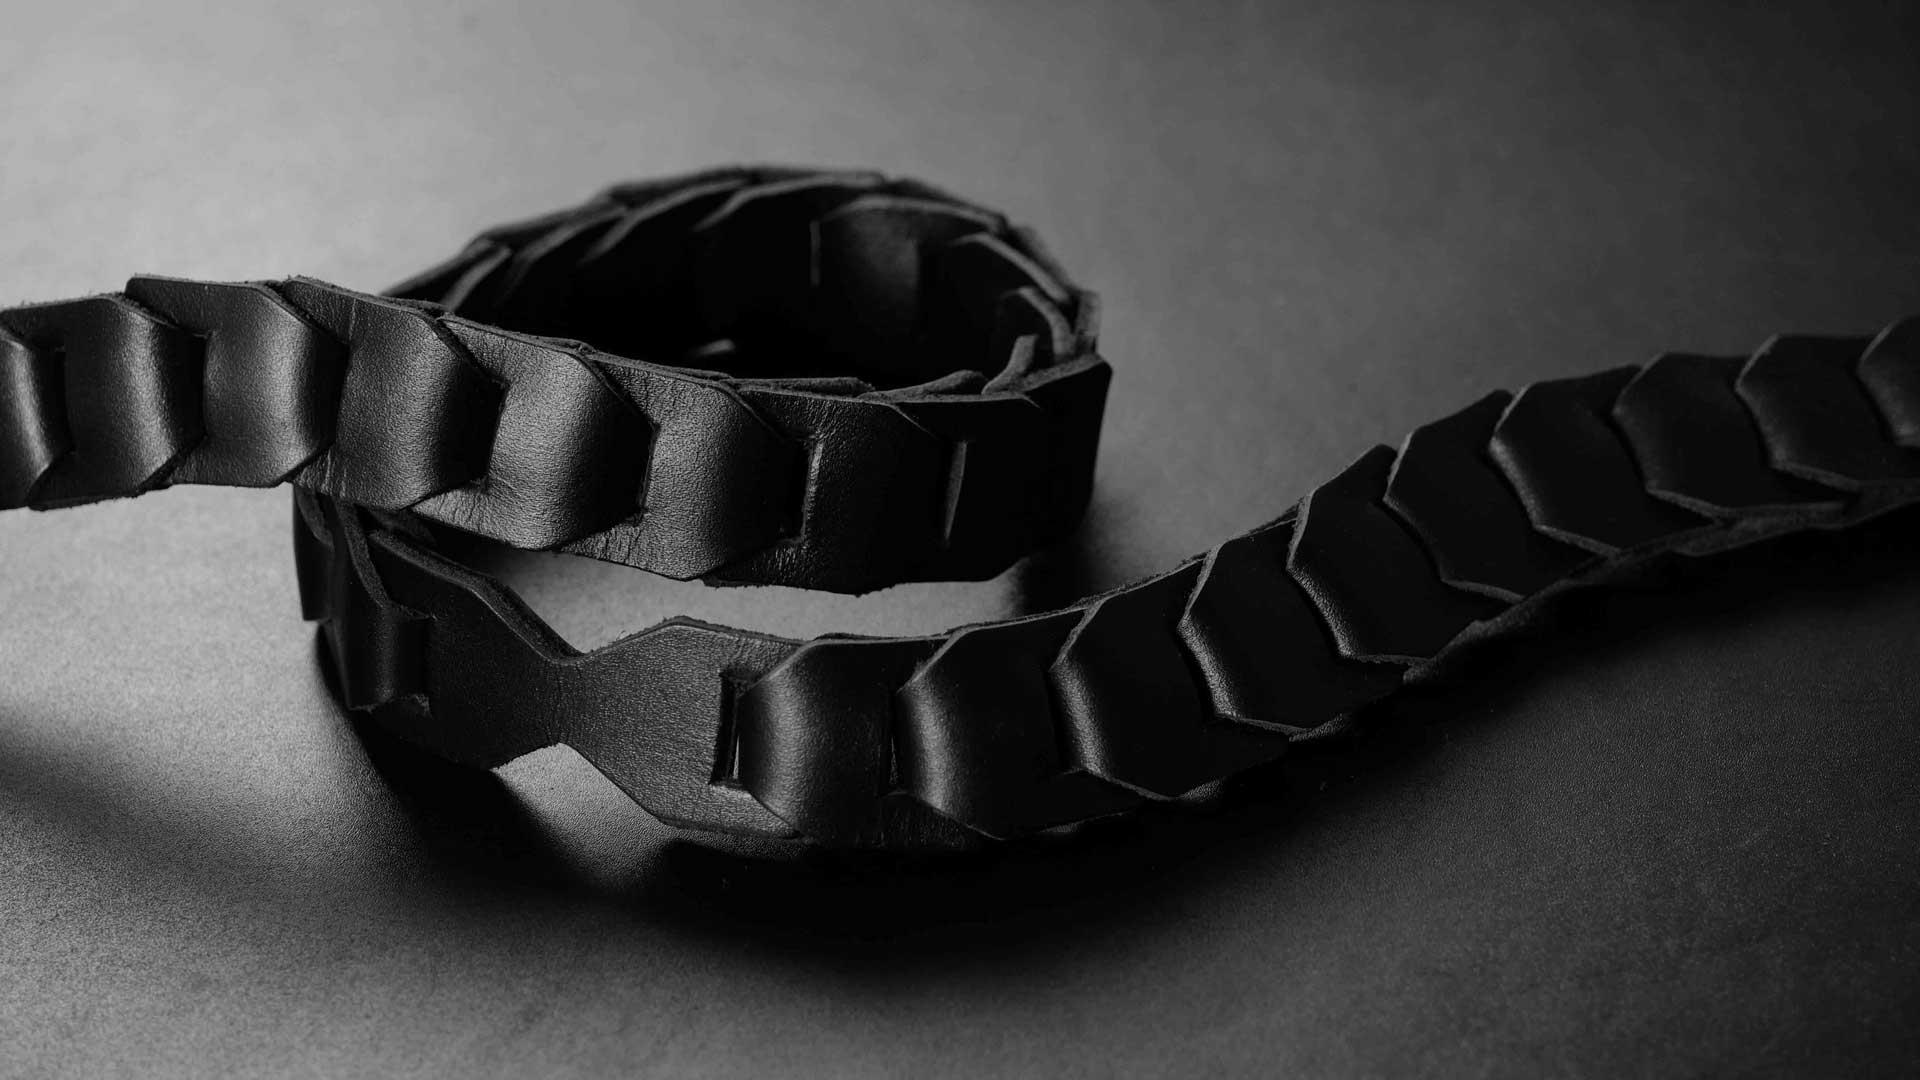 leica s strap, leica sl strap, leather camera strap, handmade leather camera strap, leica camera strap, mirrorless camera strap, handmade camera strap, black camera strap